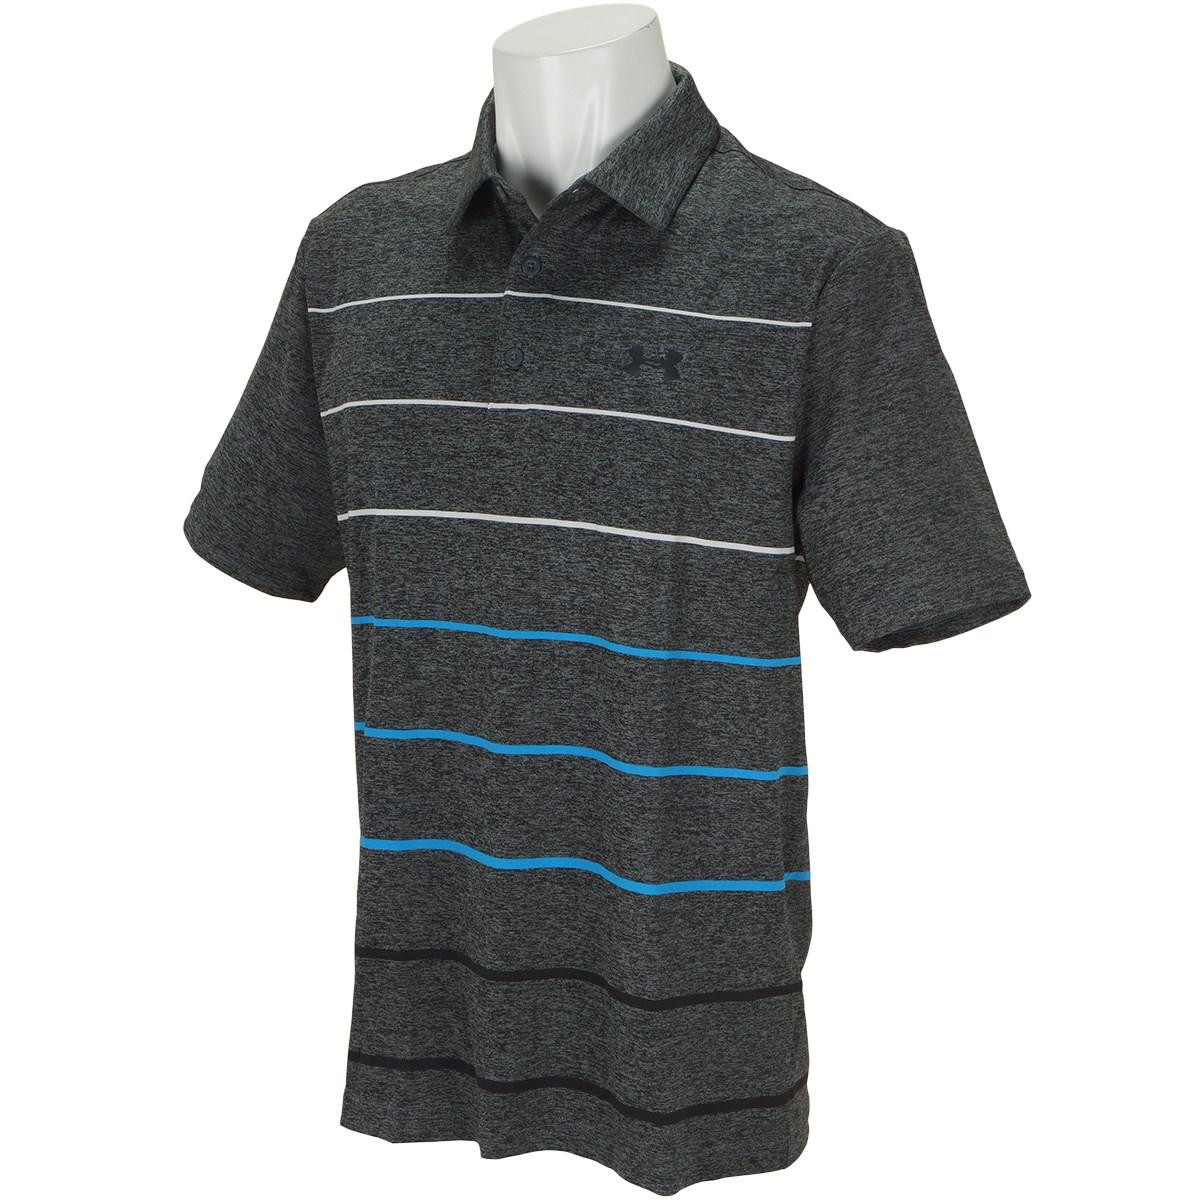 アンダーアーマー(UNDER ARMOUR) UA Playoff 2.0 半袖ポロシャツ